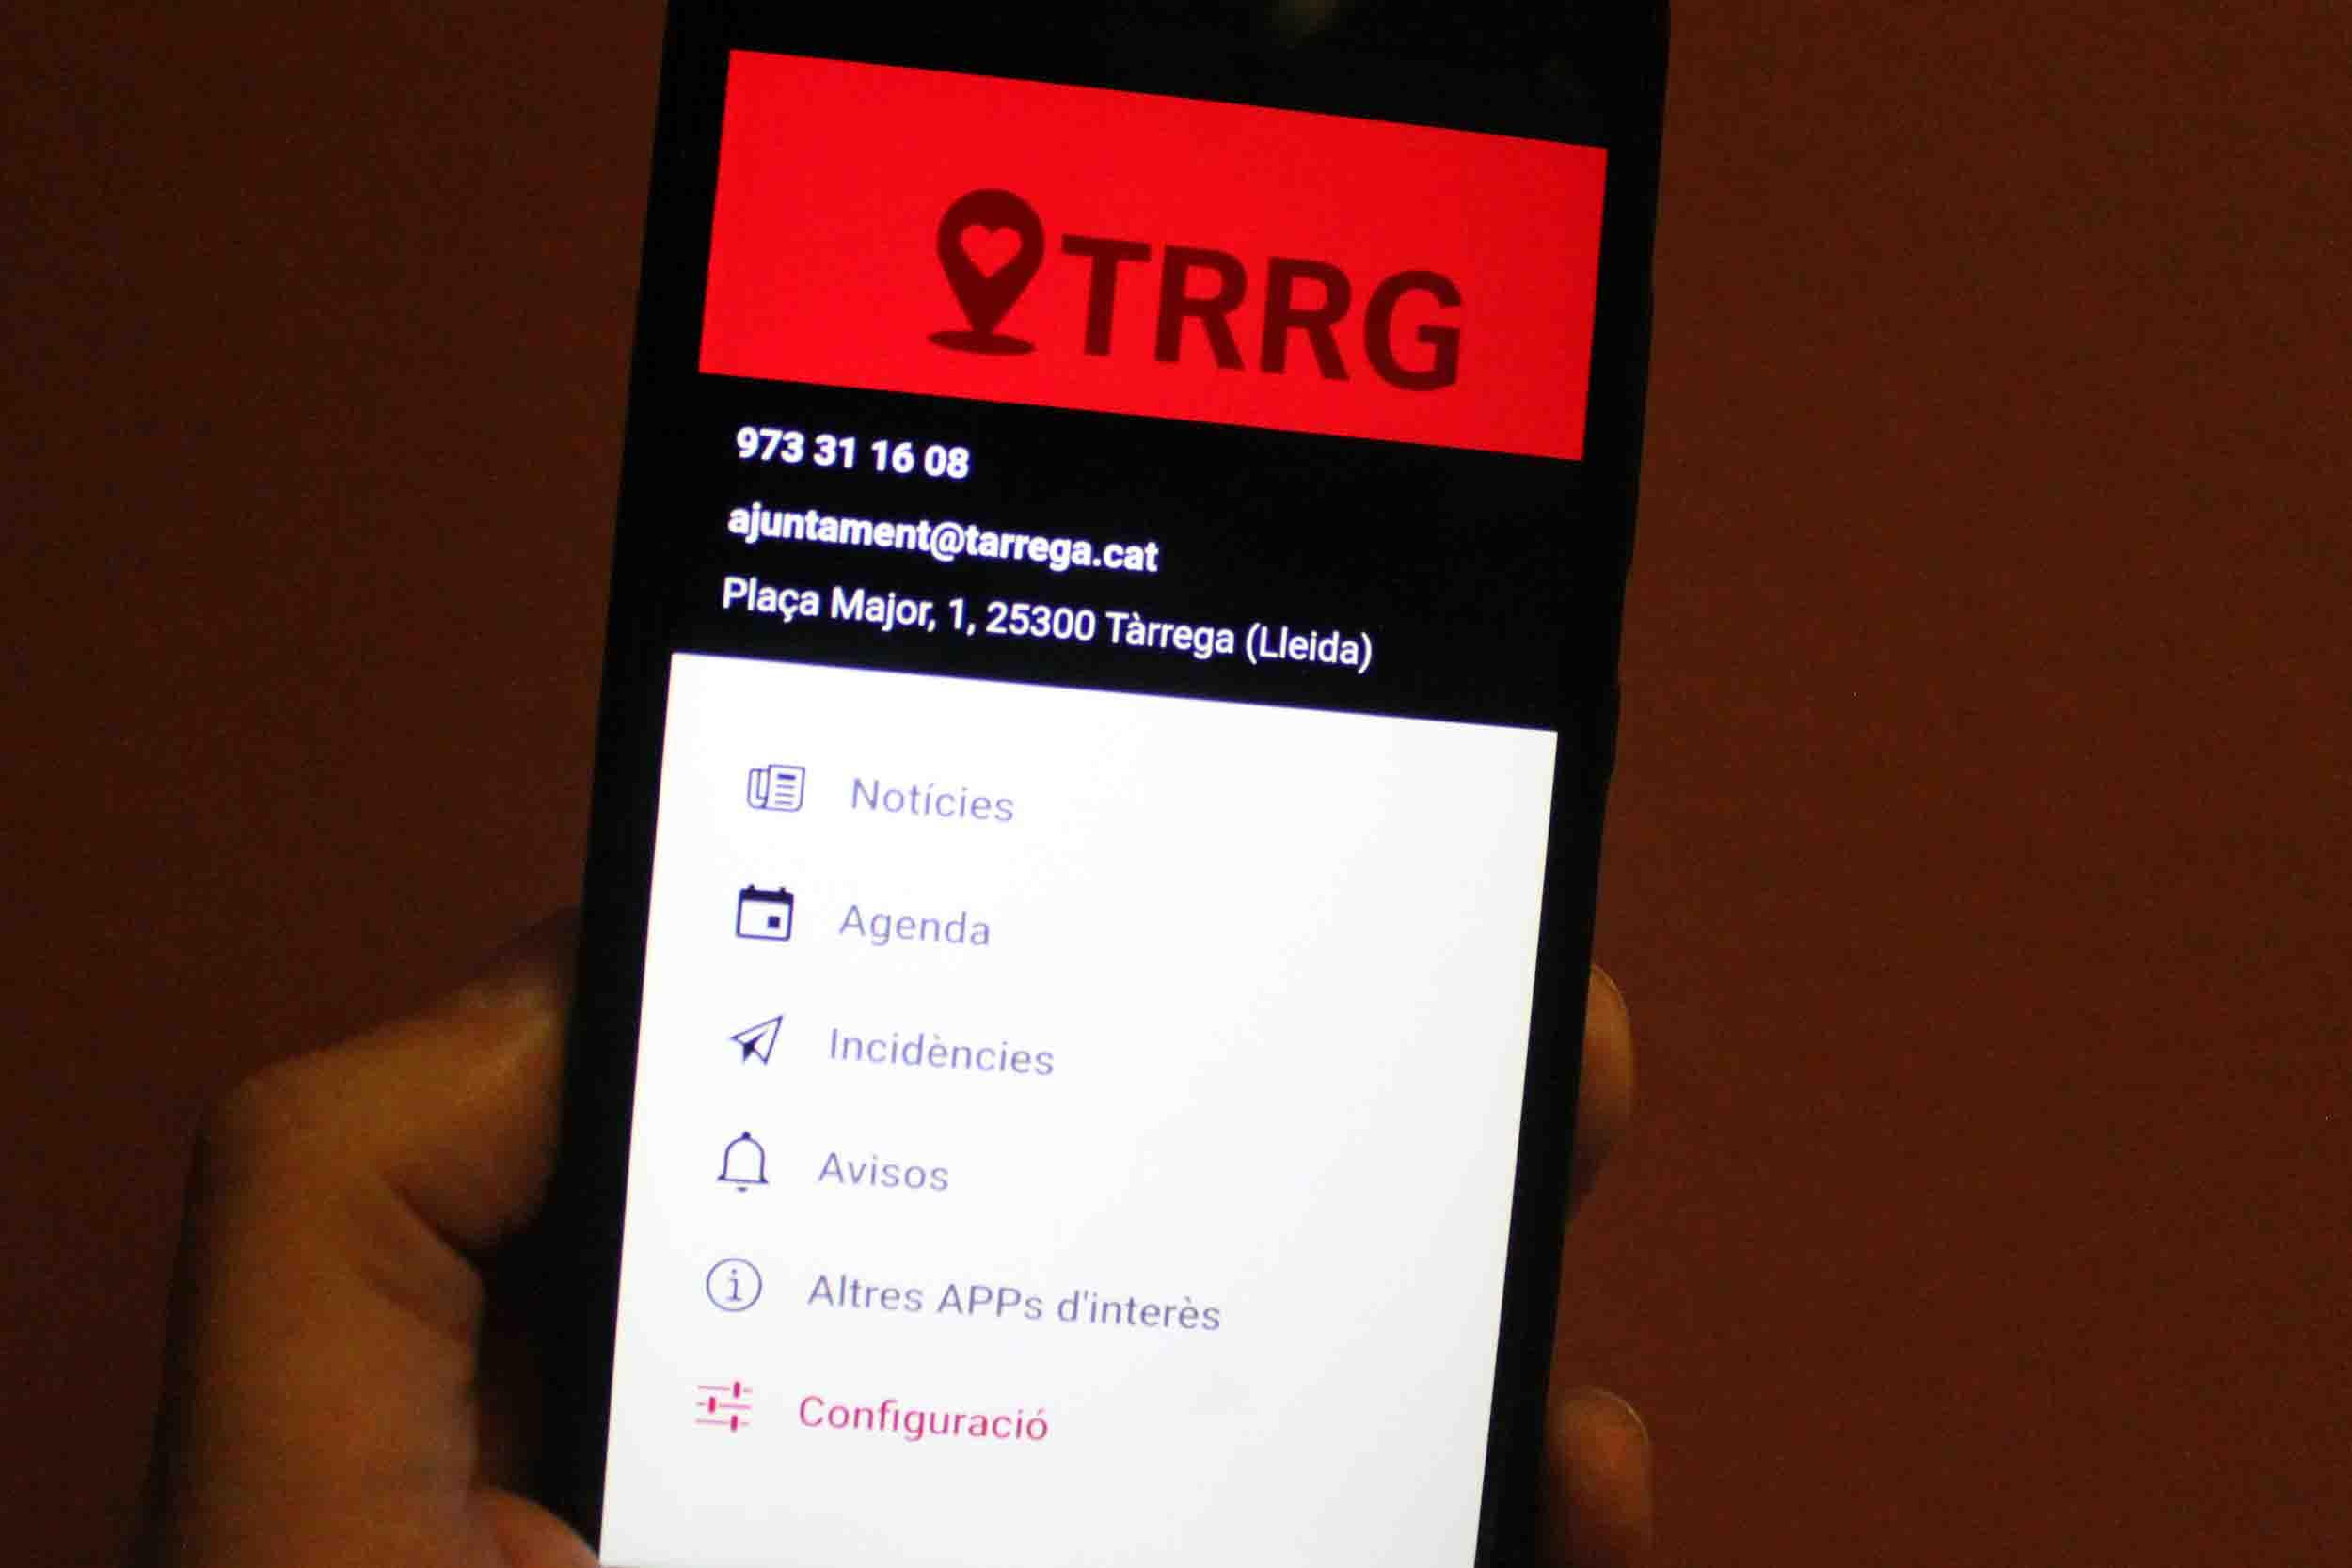 L'Ajuntament de Tàrrega aprova la licitació per instal·lar equips wifi en espais i edificis públics de la ciutat